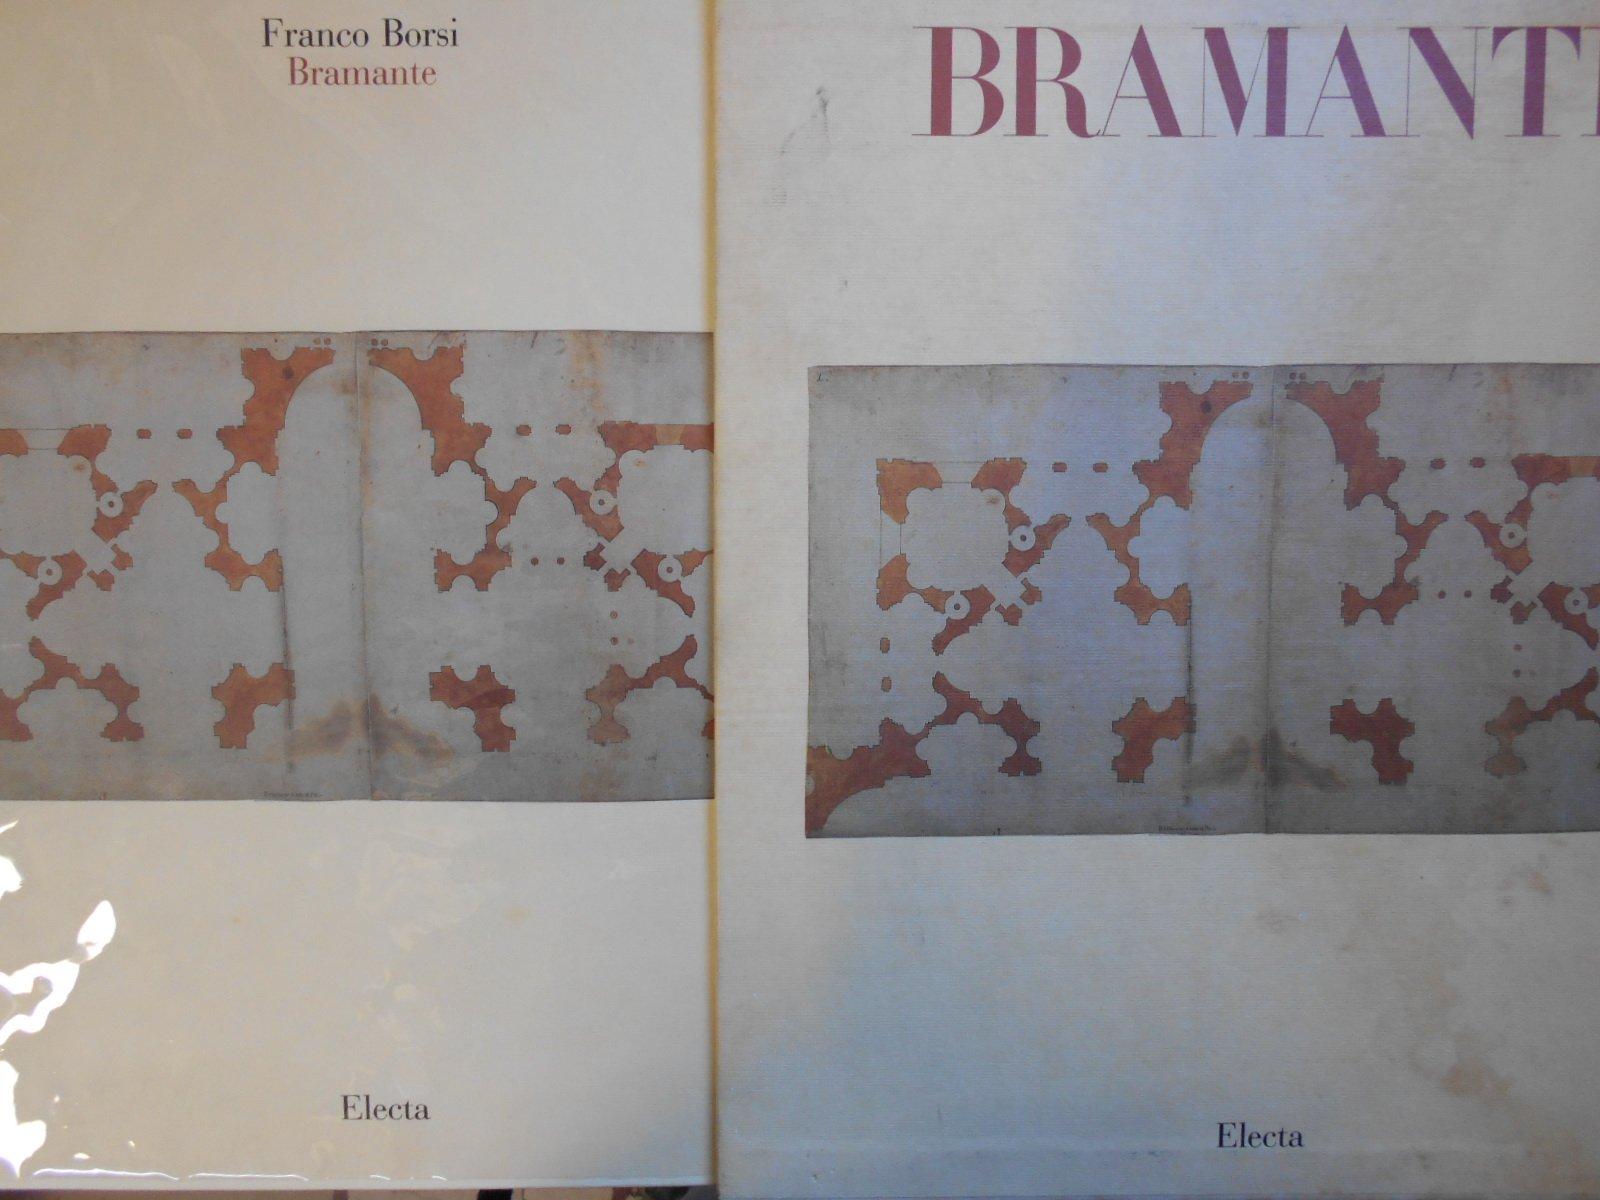 Bramante. L'opera completa. Ediz. illustrata Copertina rigida – 21 feb 1989 Franco Borsi Mondadori Electa 8843526669 ARTI